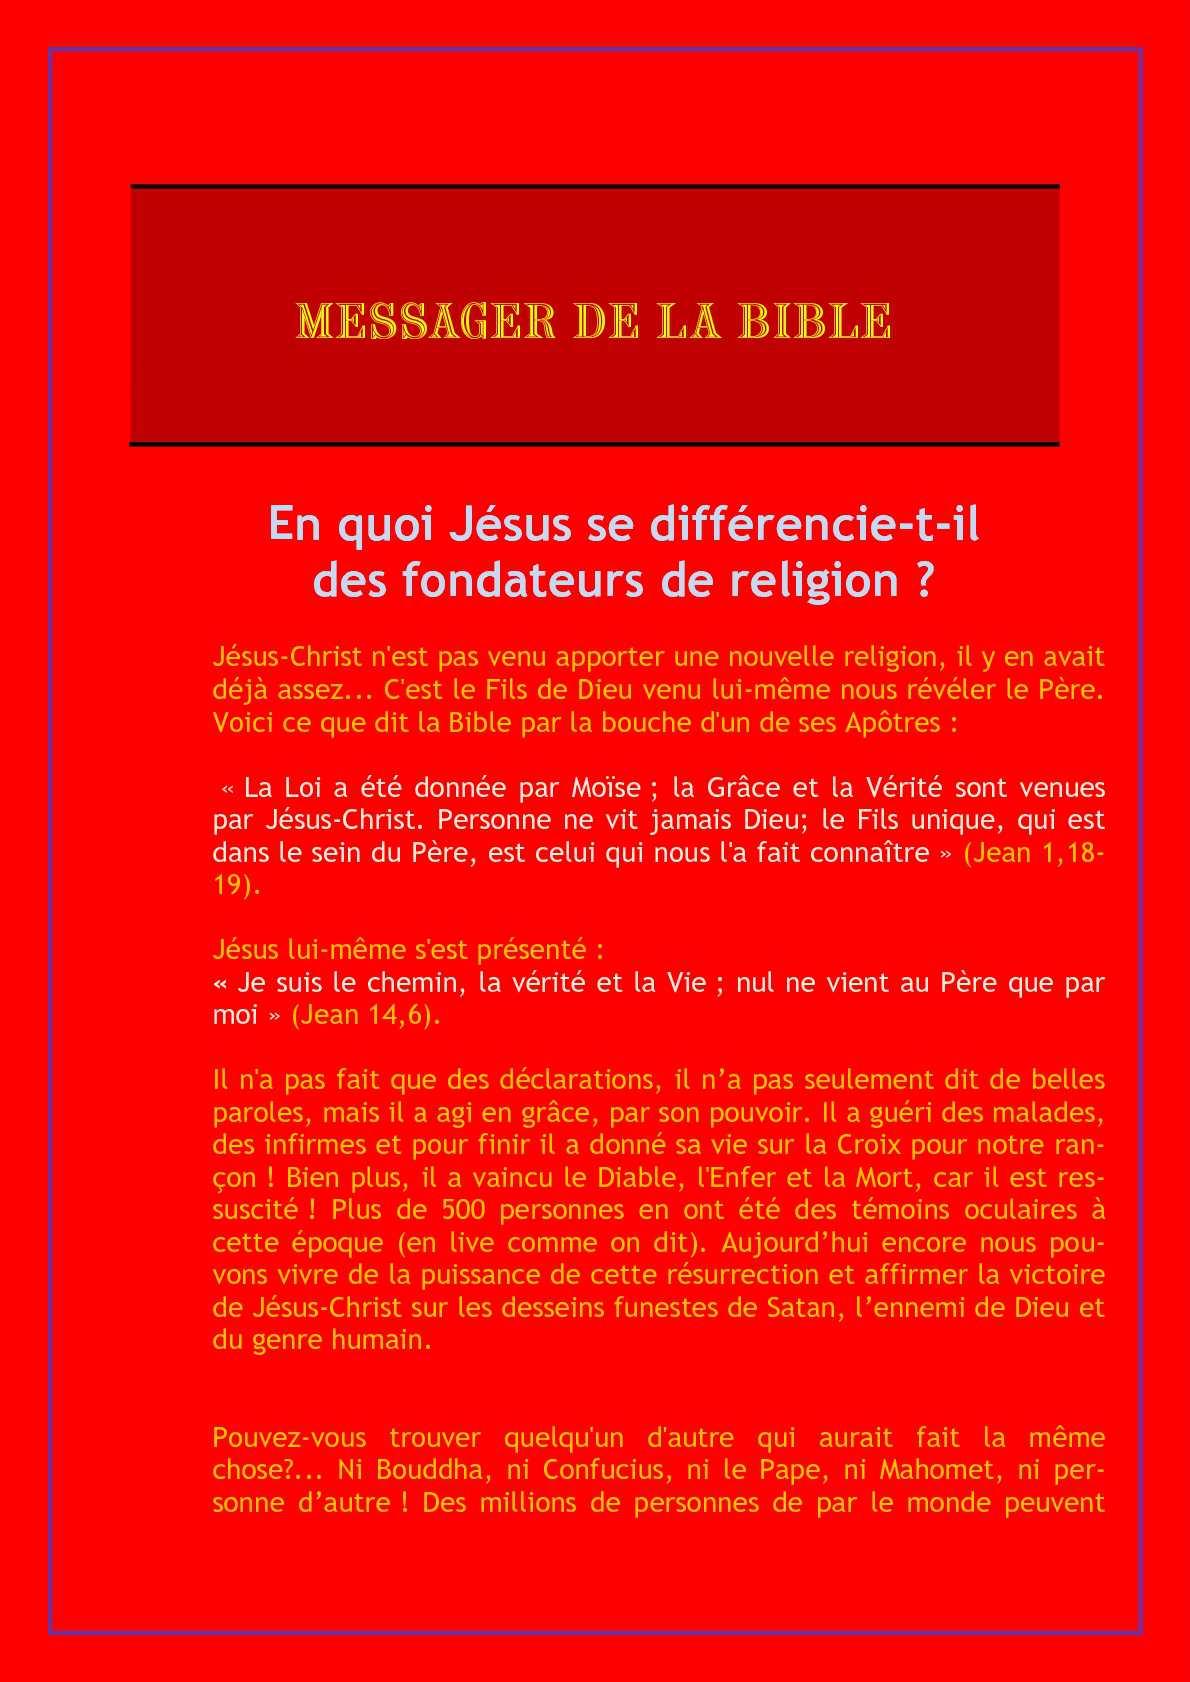 C Est Celui Qui Dit Qui Est : celui, Calaméo, Messager, Bible-, Jésus, Différencie-t-il, Fondateurs, Religion